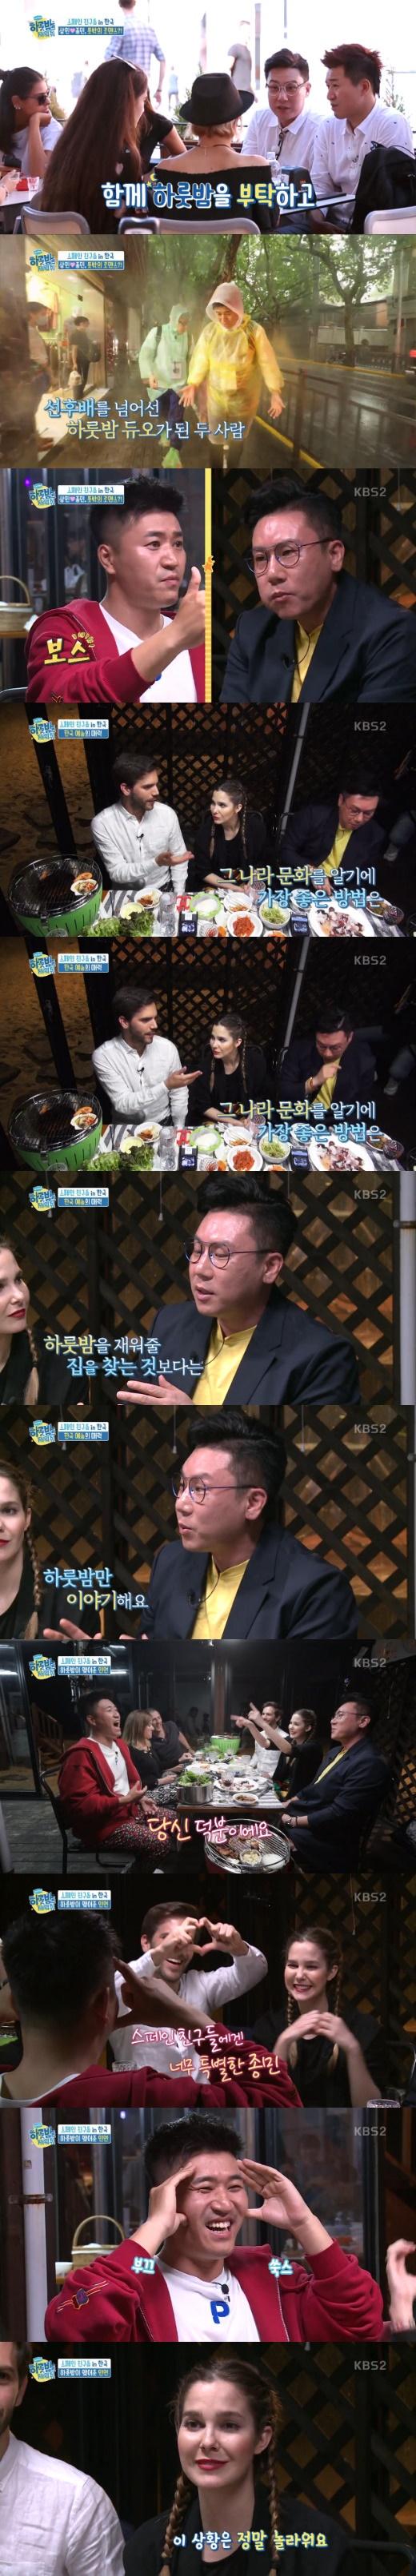 종영 '하룻밤만 재워줘' 이상민X김종민이 보여준 국경 없는 우정